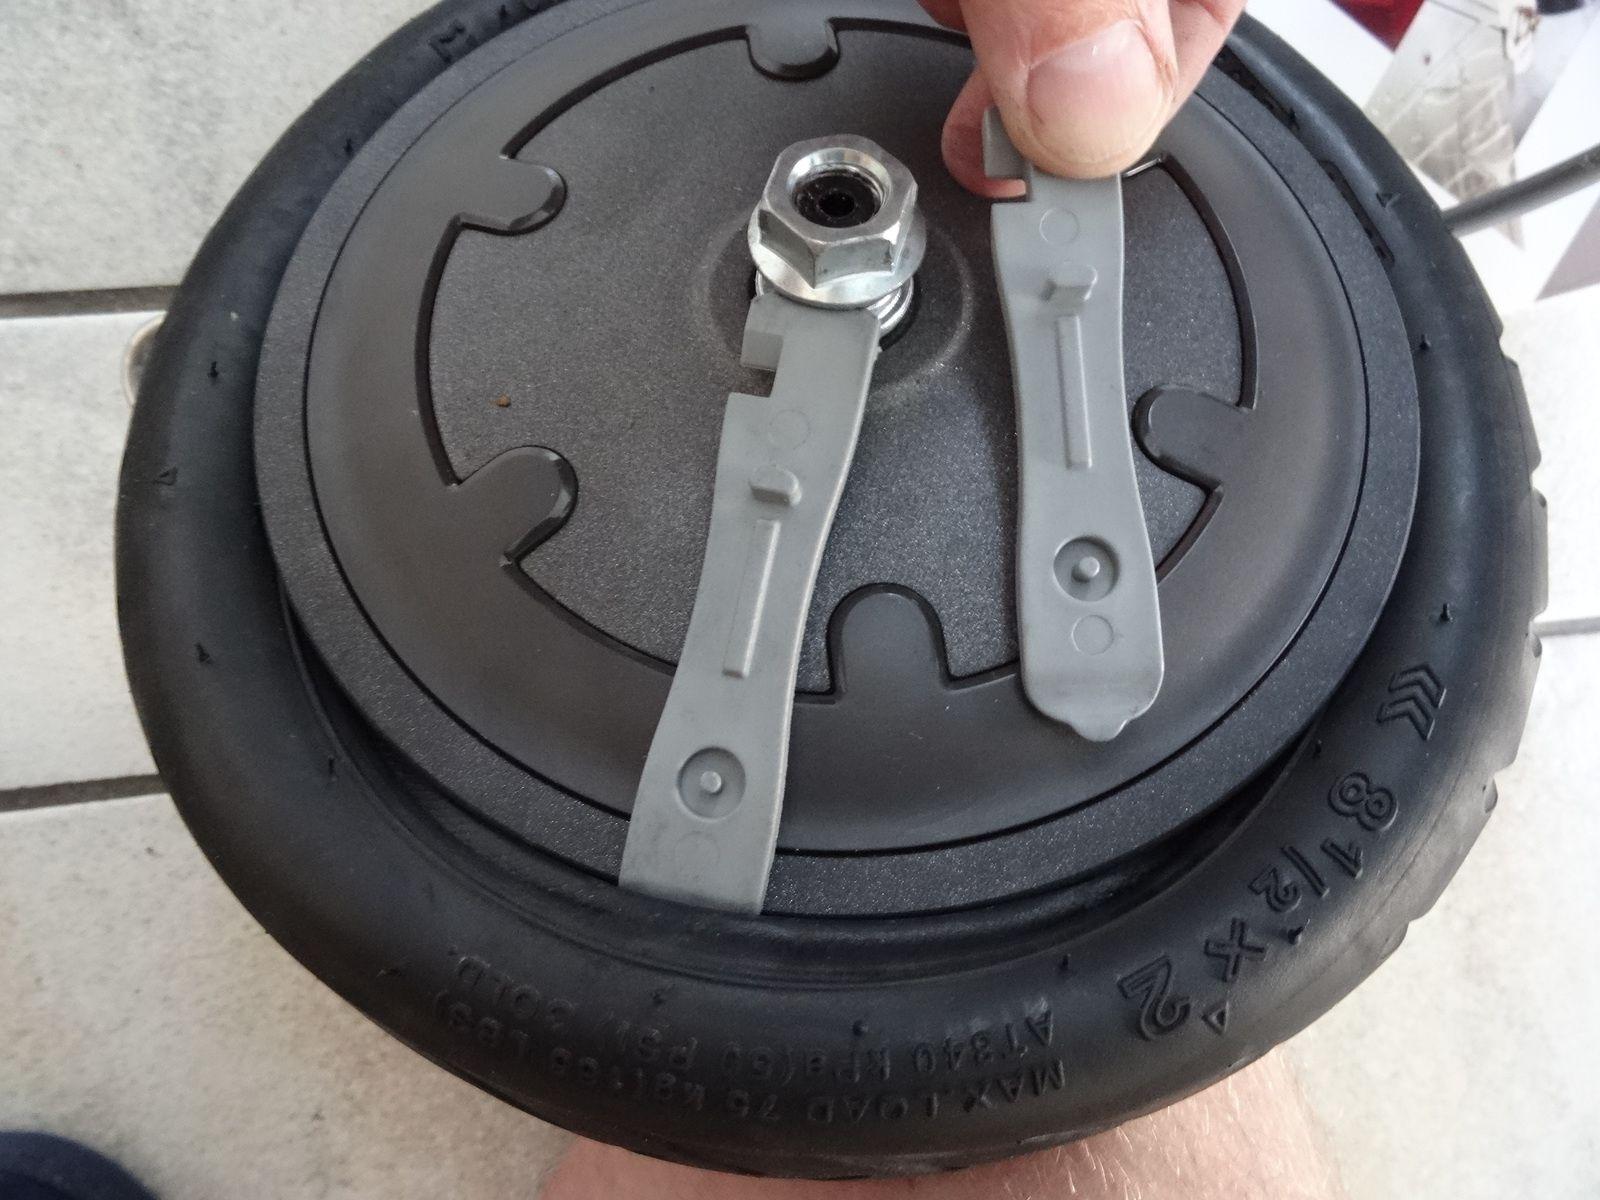 Déboîter le pneu avec les leviers : il faut des bons leviers et faire attention à ne pas endommager un peu plus la chambre à air : donc pas de gros tournevis &#x3B;)